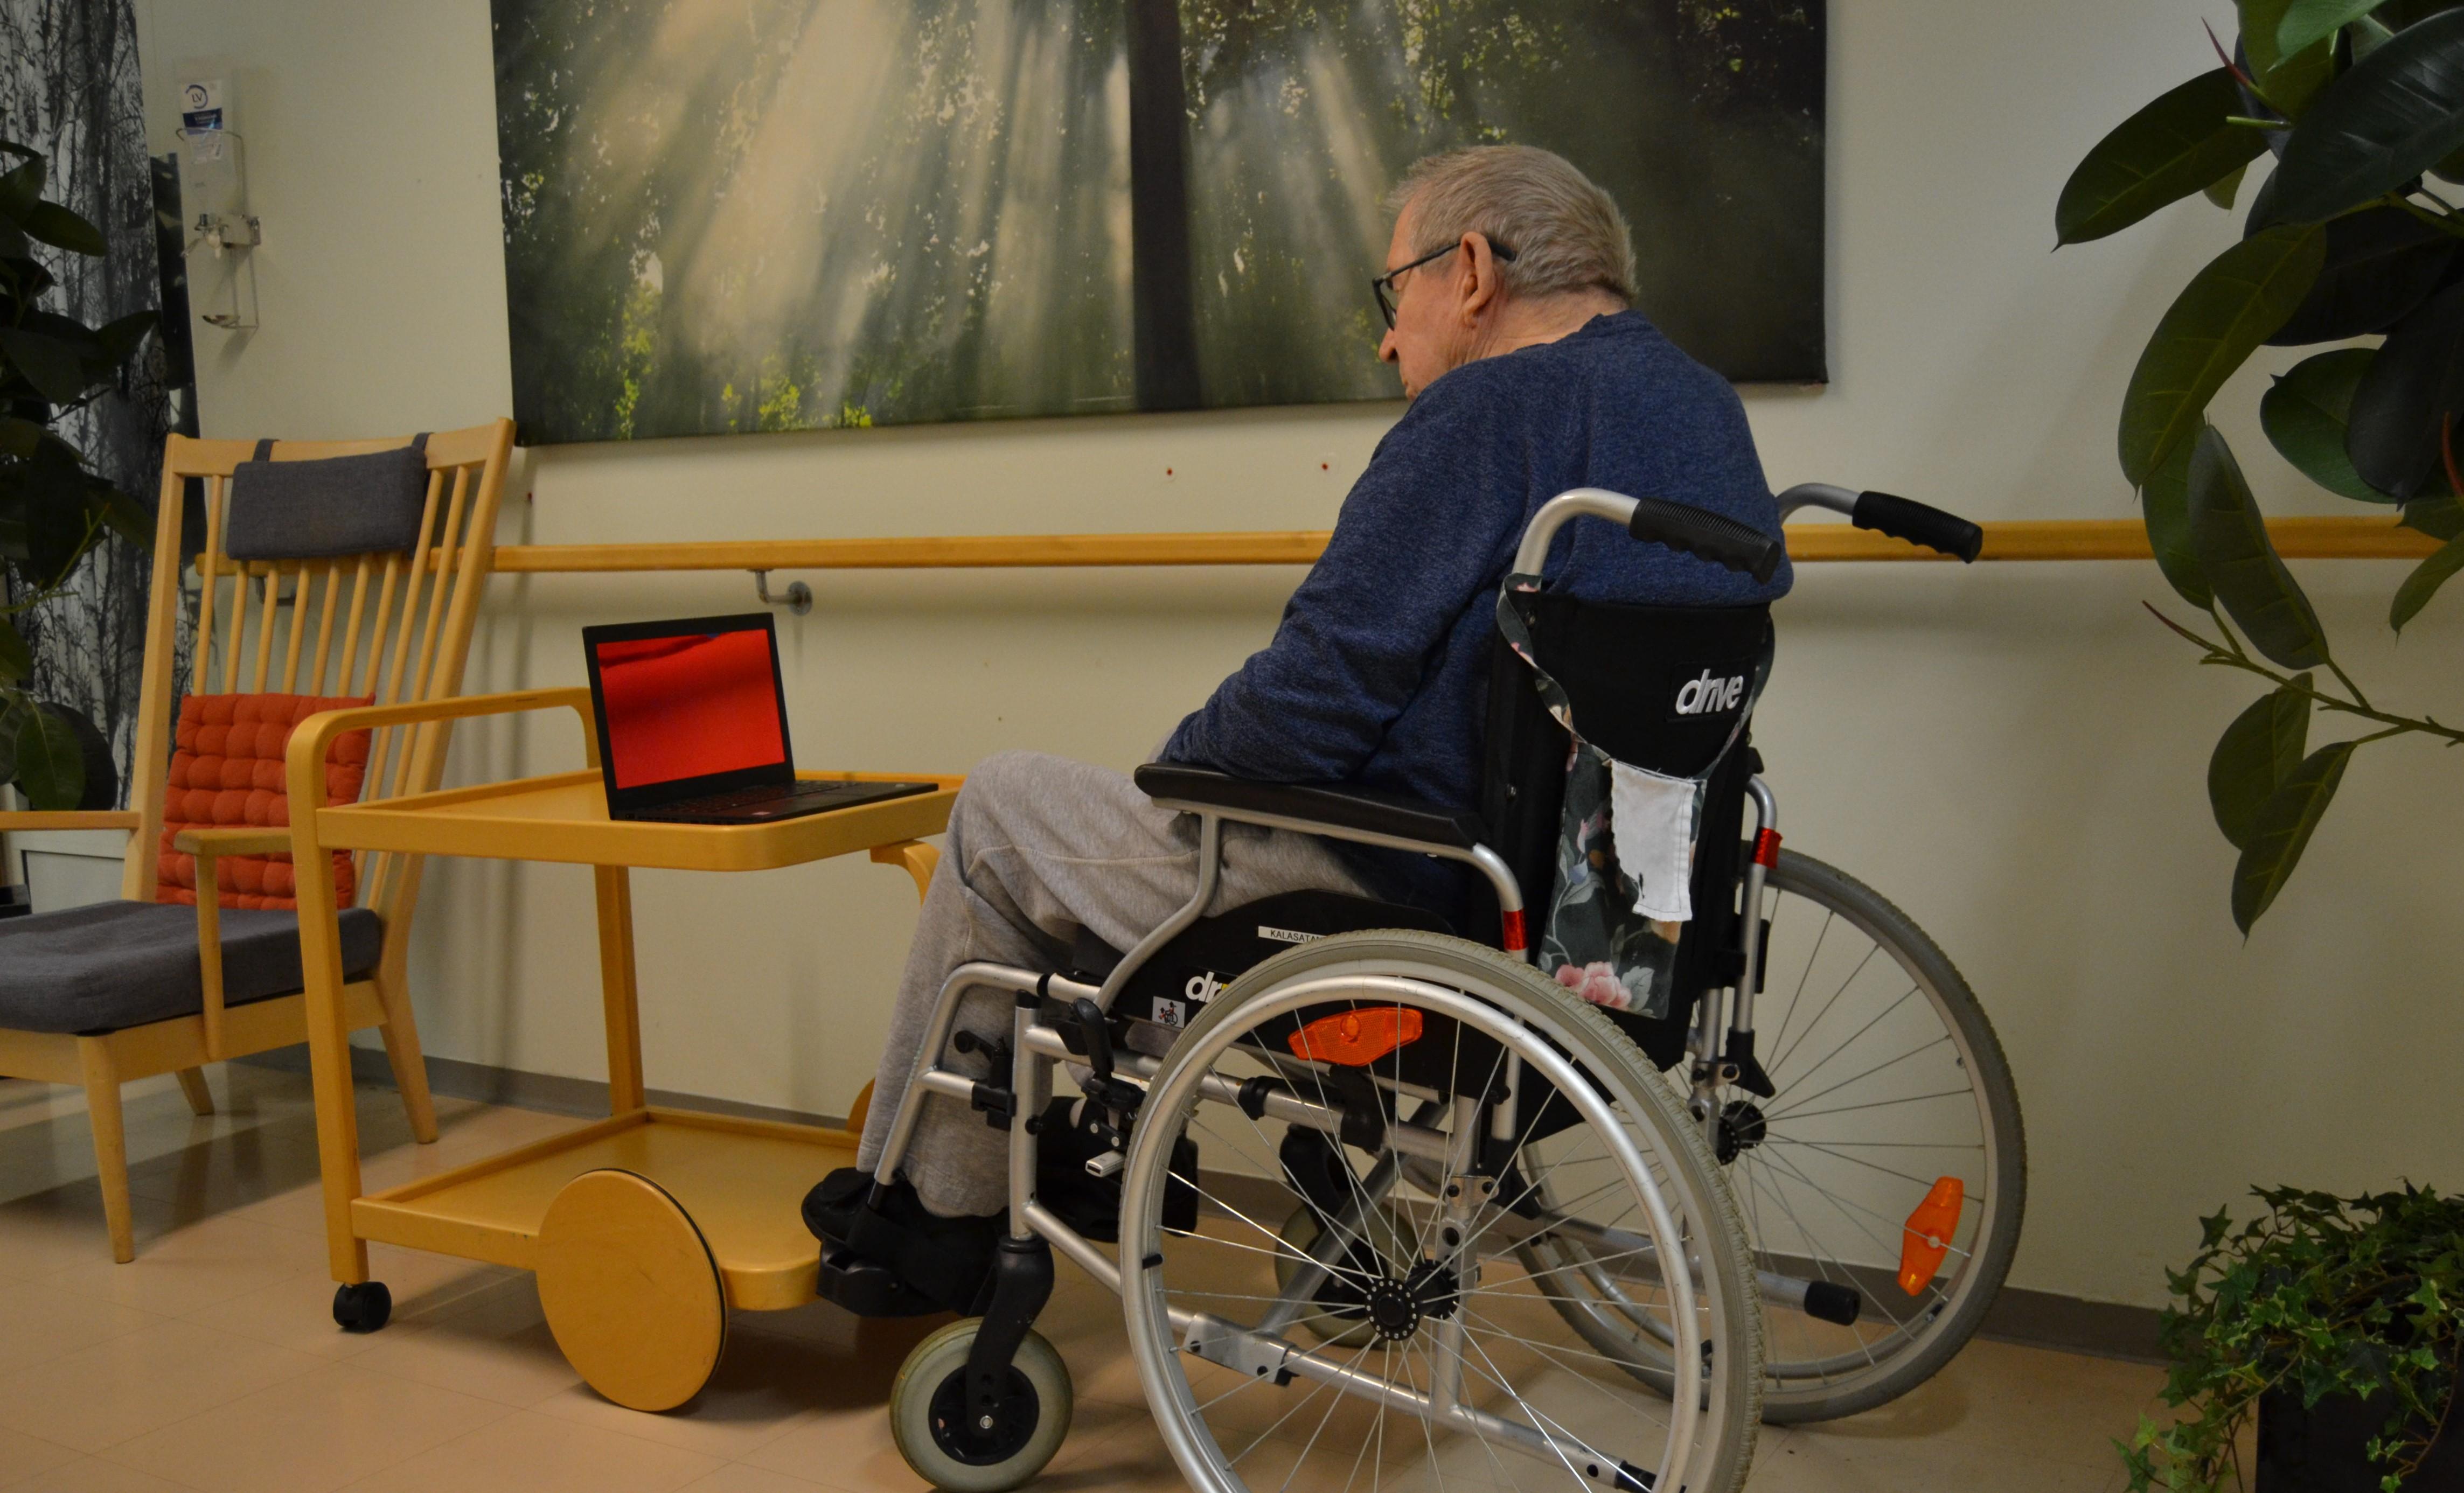 Vanhus istuu pyörätuolissa ja katsoo videopuhelua.